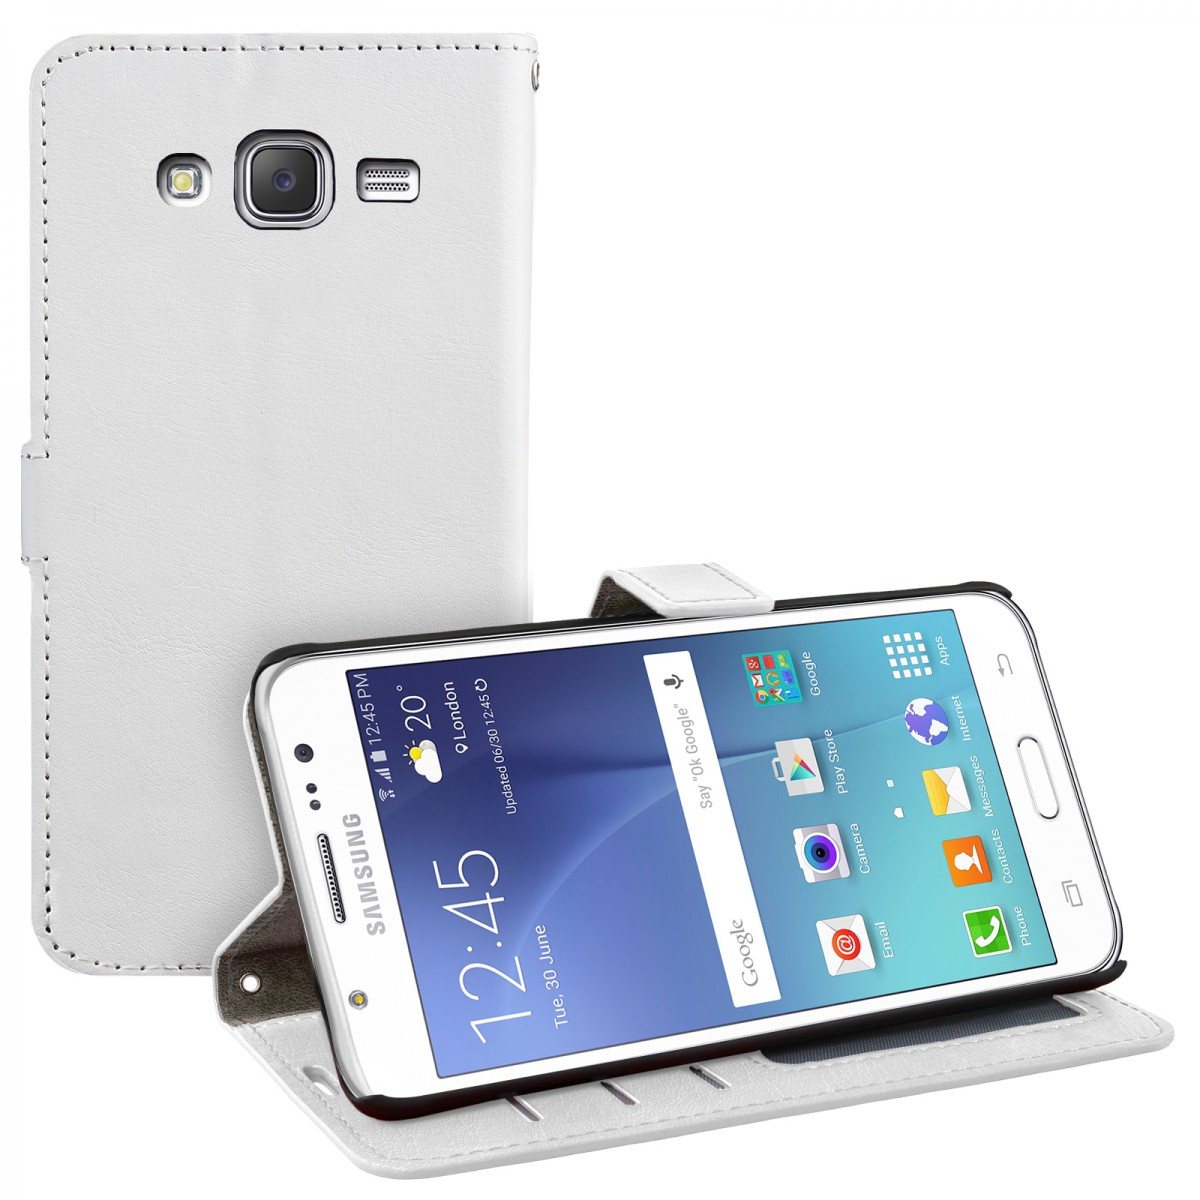 dce801477 Pouzdro / obal / peněženka pro Samsung Galaxy J5